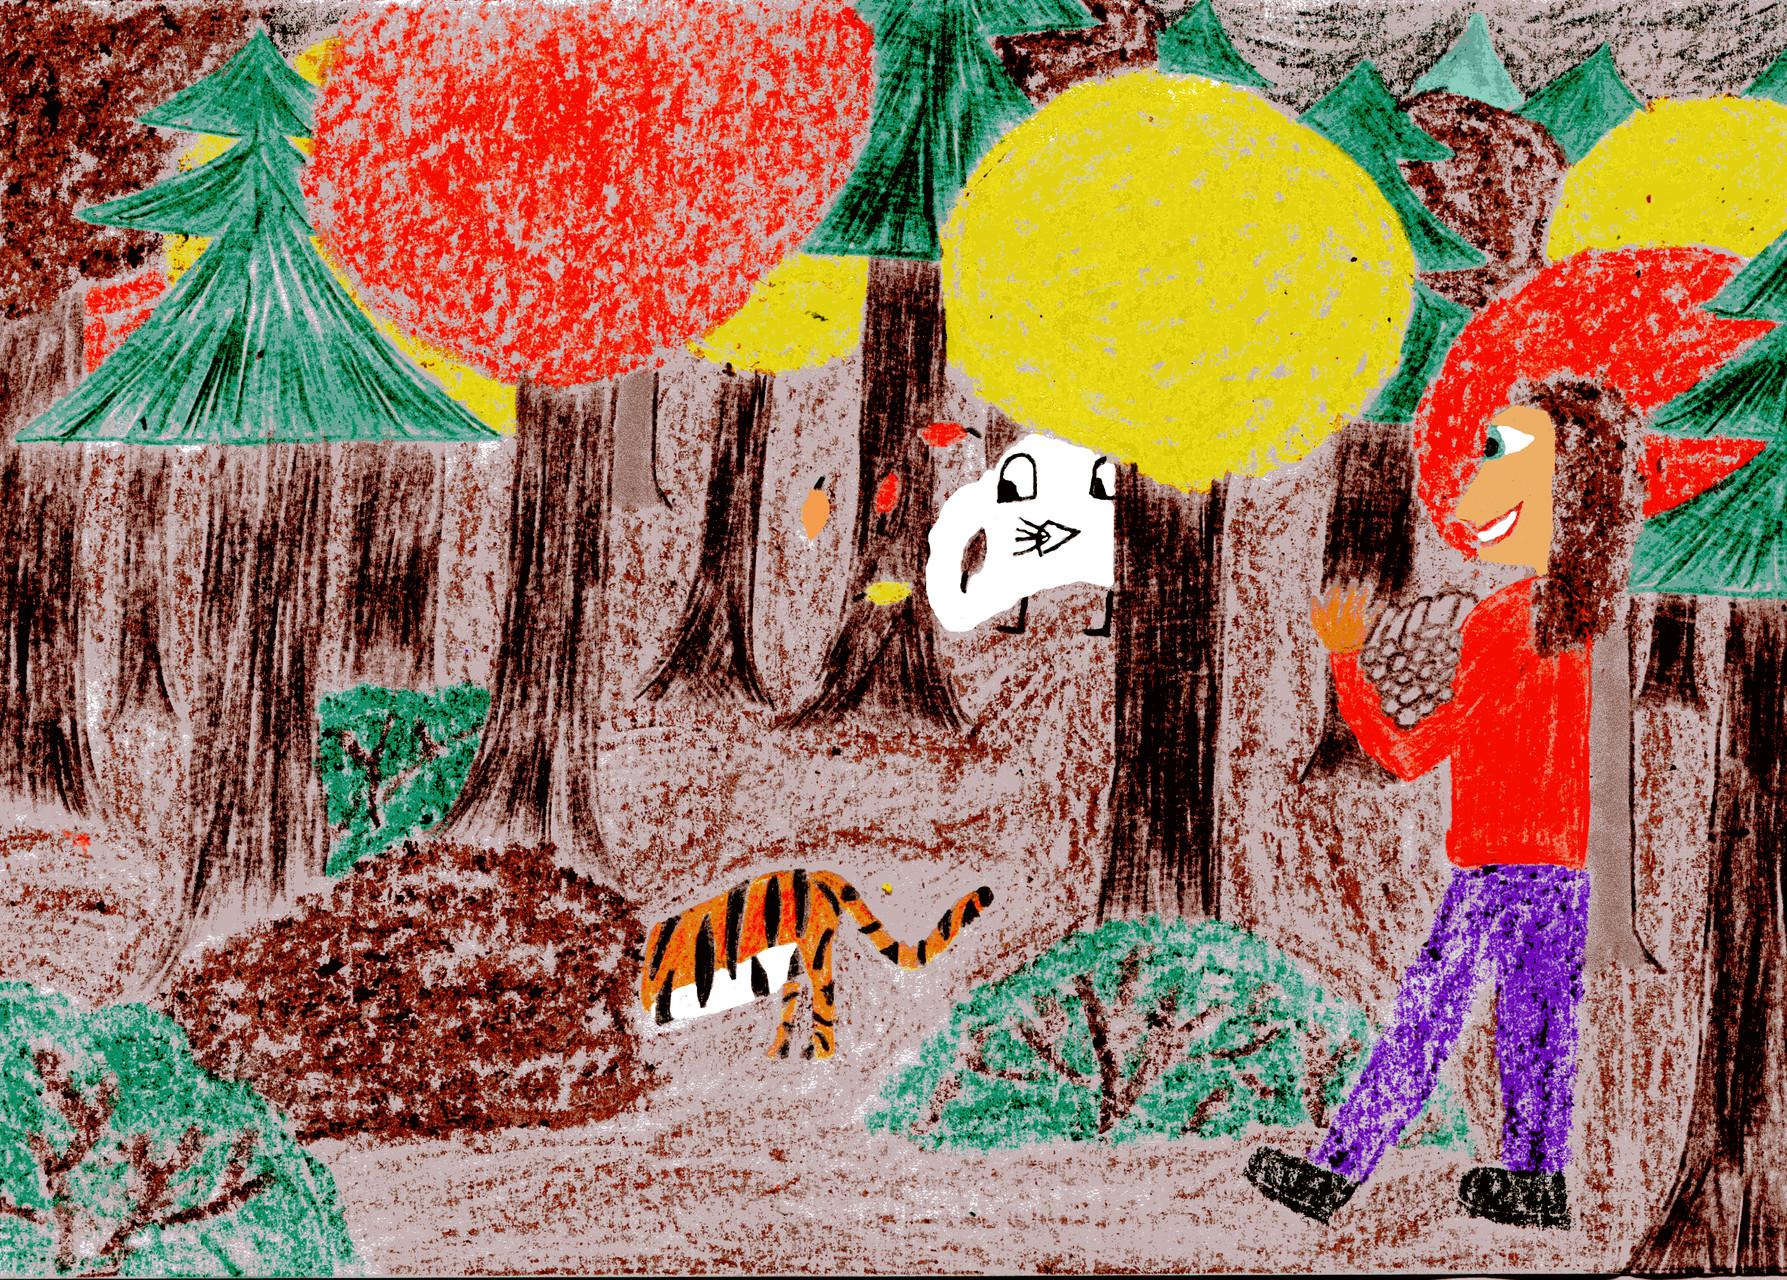 Dorothea, Sausewind und der Tiger bauen eine Höhle für die Fledermäuse